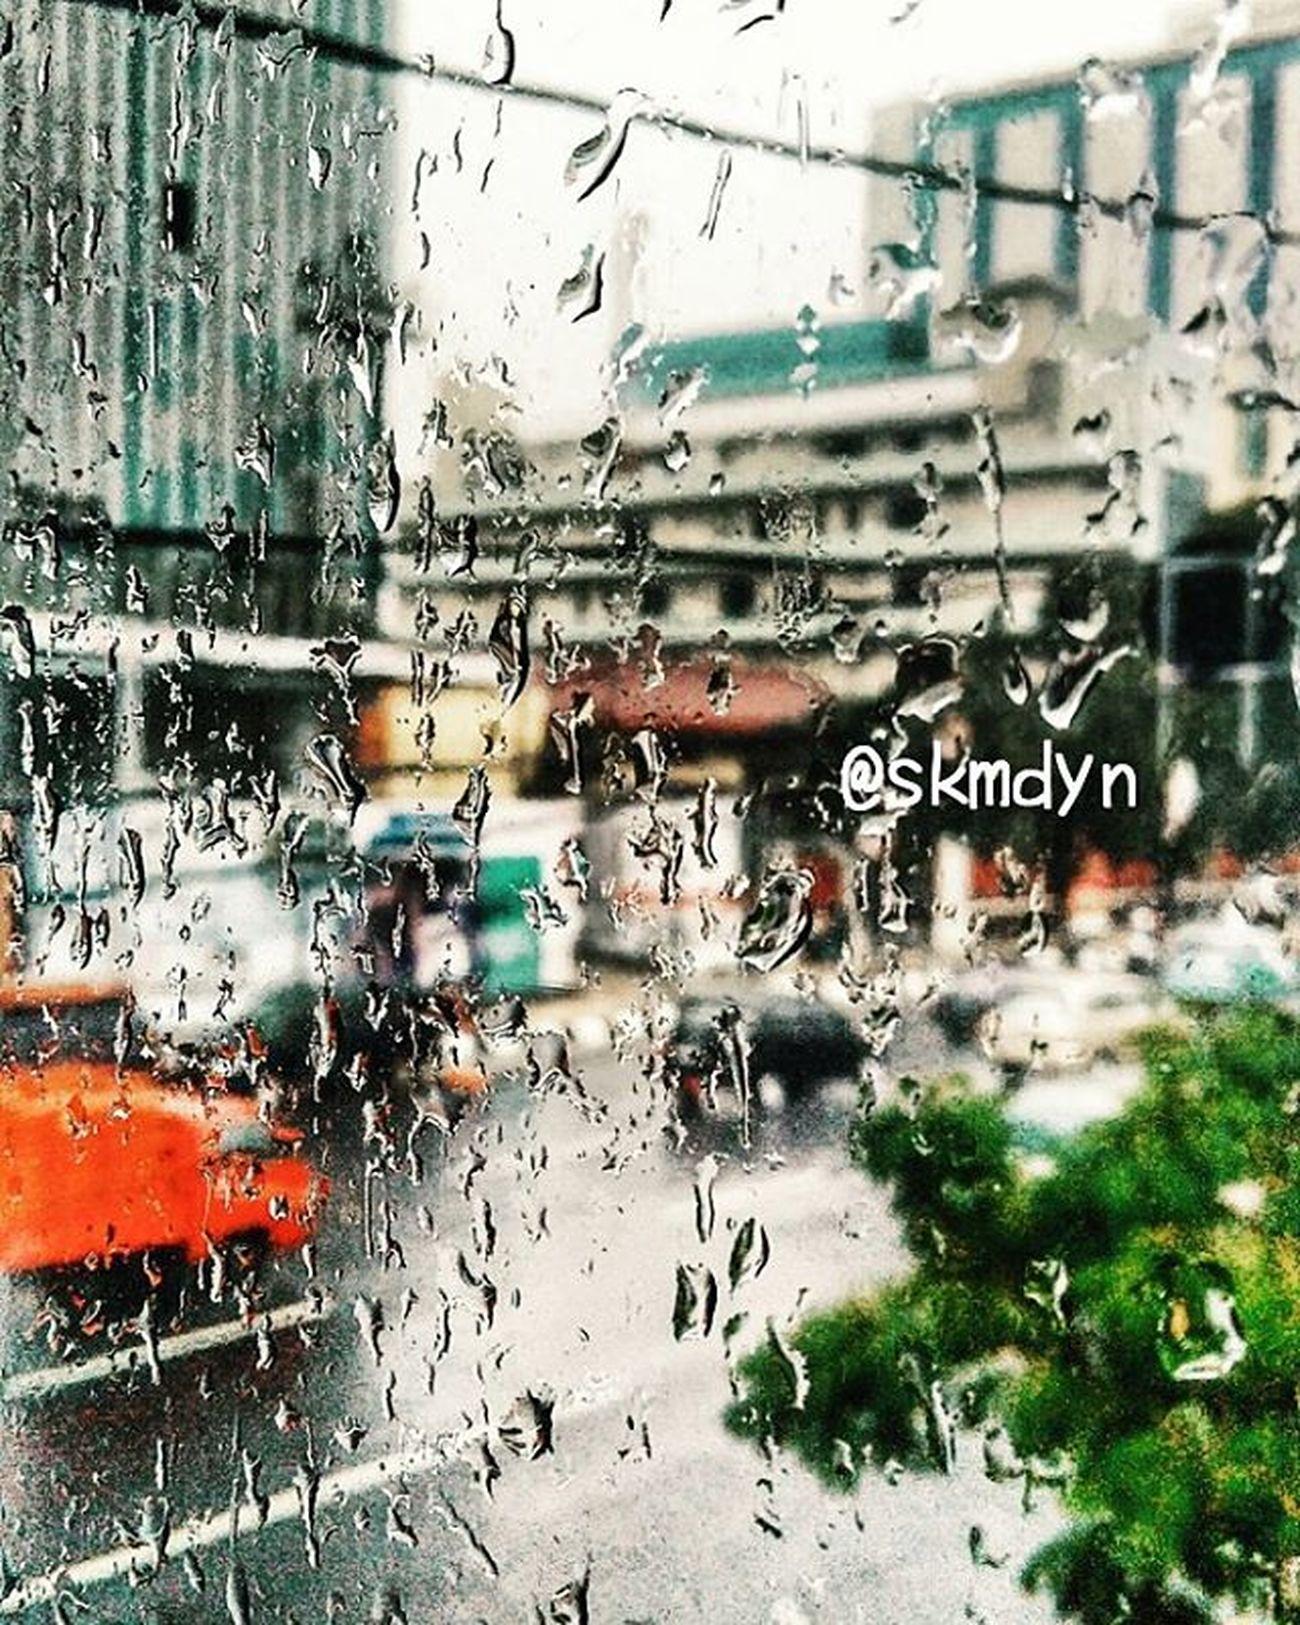 Bukan melupakan yang jadi masalahnya, tapi menerima. barangsiapa yang bisa menerima.maka dia akan bisa melupakan, hidup bahagia. Tapi jika ia tidak bisa menerima,dia tidak akan pernah bisa melupakan. ~ Tere Liye, HUJAN . . . . . . . . . . Rain Rainy Today Mood Dew Water Nature Street CapturingMoments VSCO Vscofilter VSCO Goodtime Goodview Xiaomiphone Xiaomiphotographyindonesia Likeforlike Instagramers Unstalike Instagood Instamoment Kamerahpgw Xiaomi Redmi2camera Kameraponsel bokeh focus phonegraphy mobilephotography